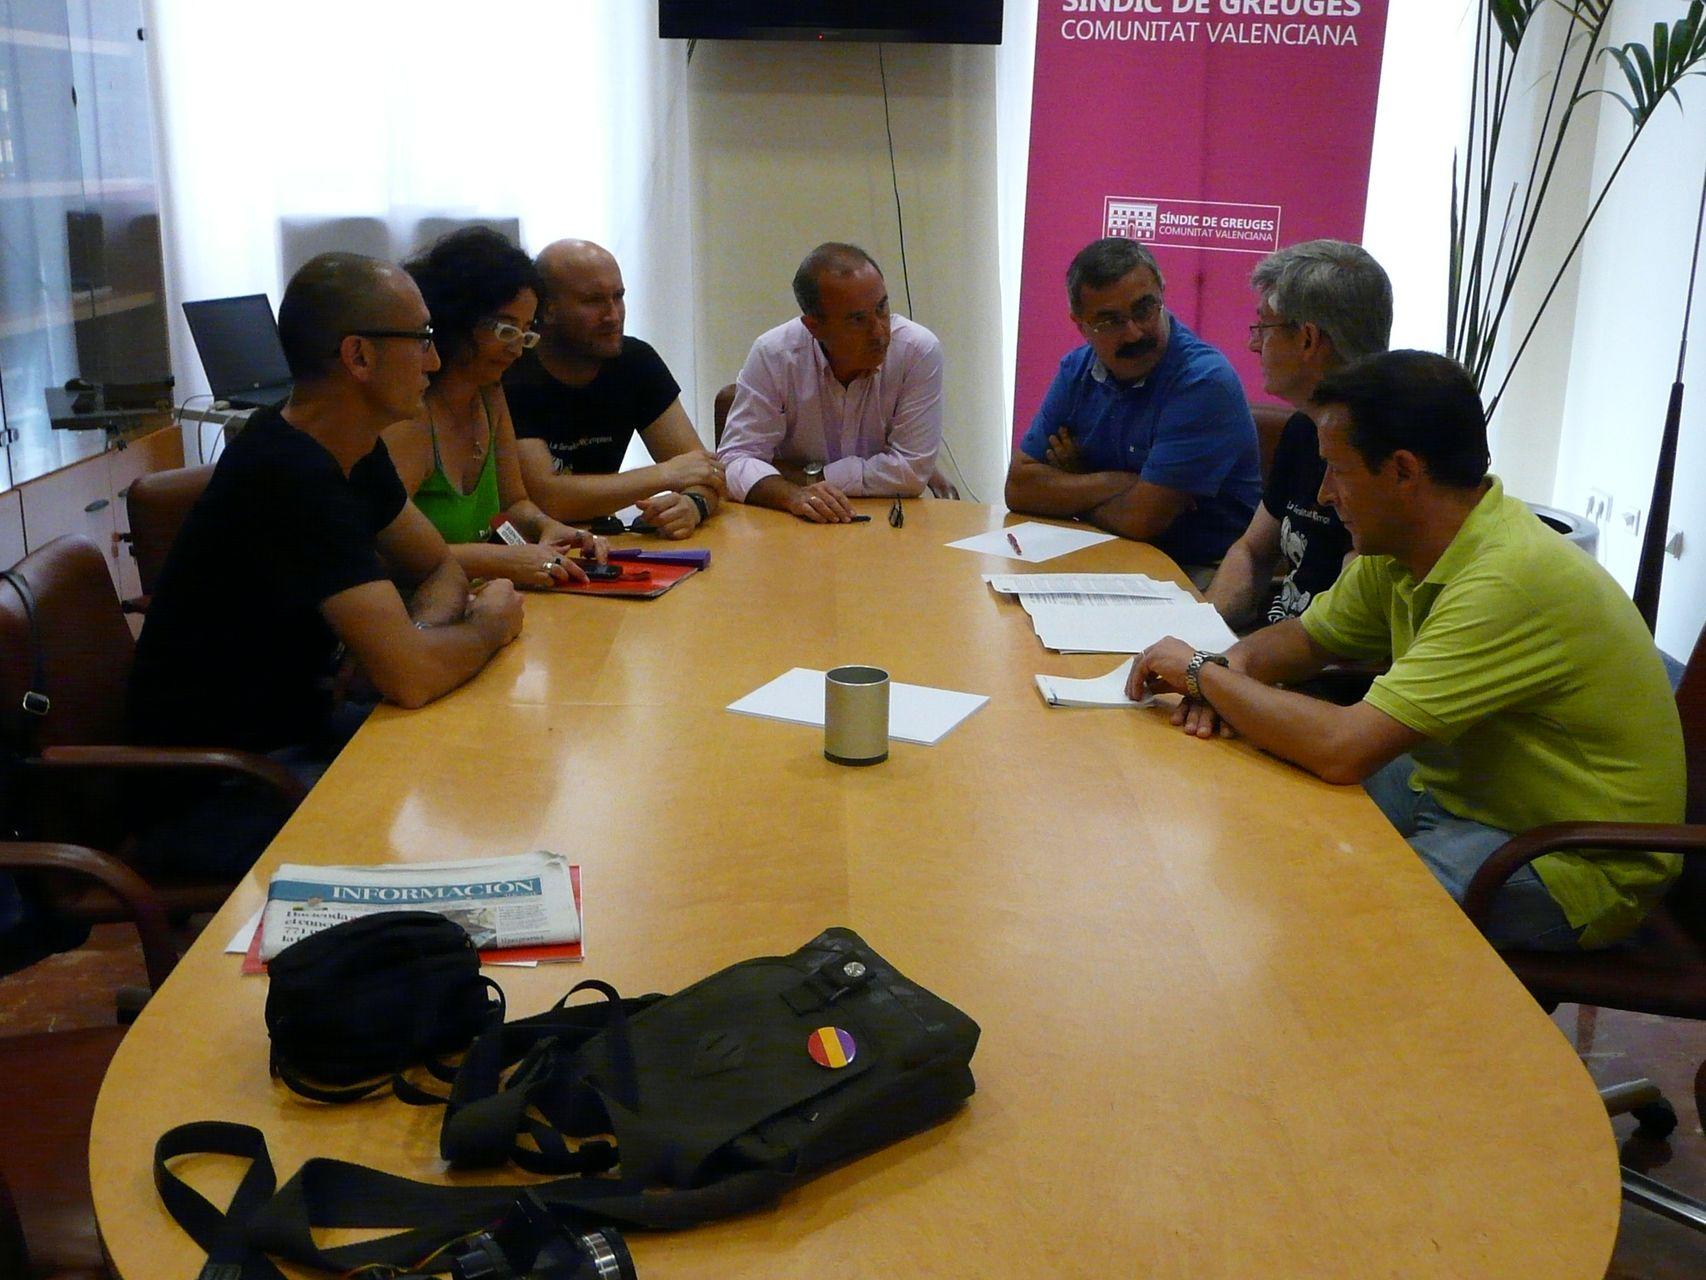 La Plataforma del Sector de Menores visita al Síndic de Greuges paraexponerle sus reivindicaciones